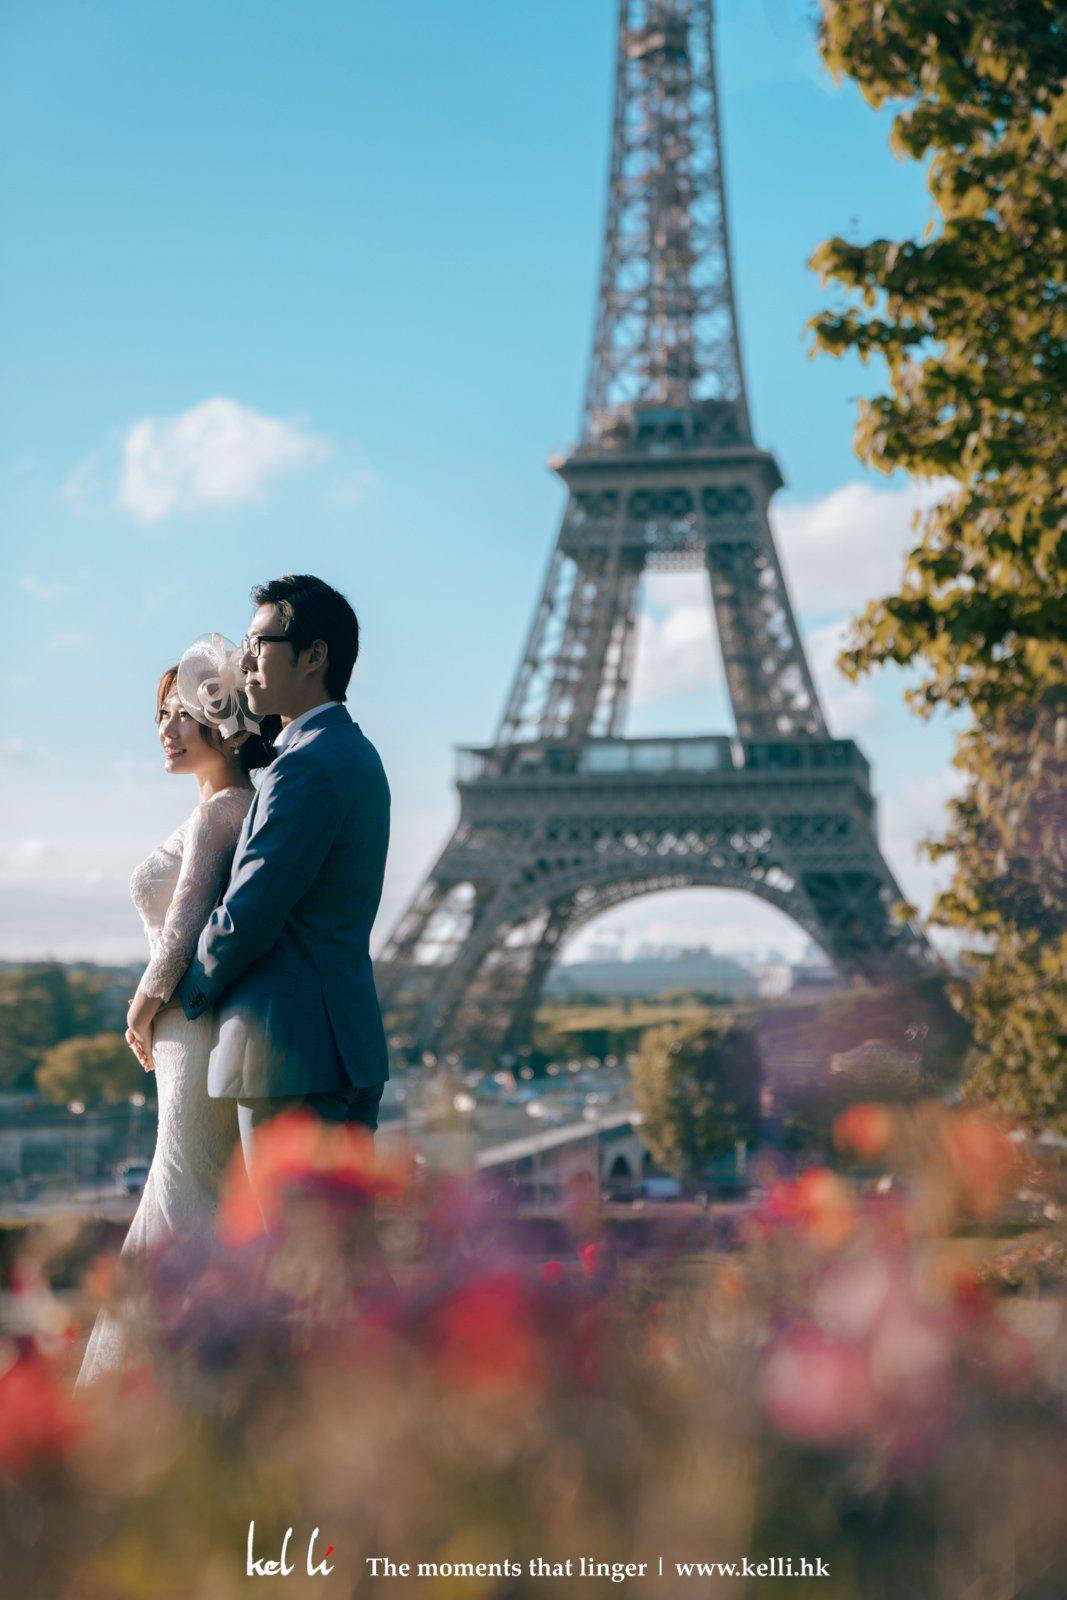 巴黎鐵塔前的婚紗照